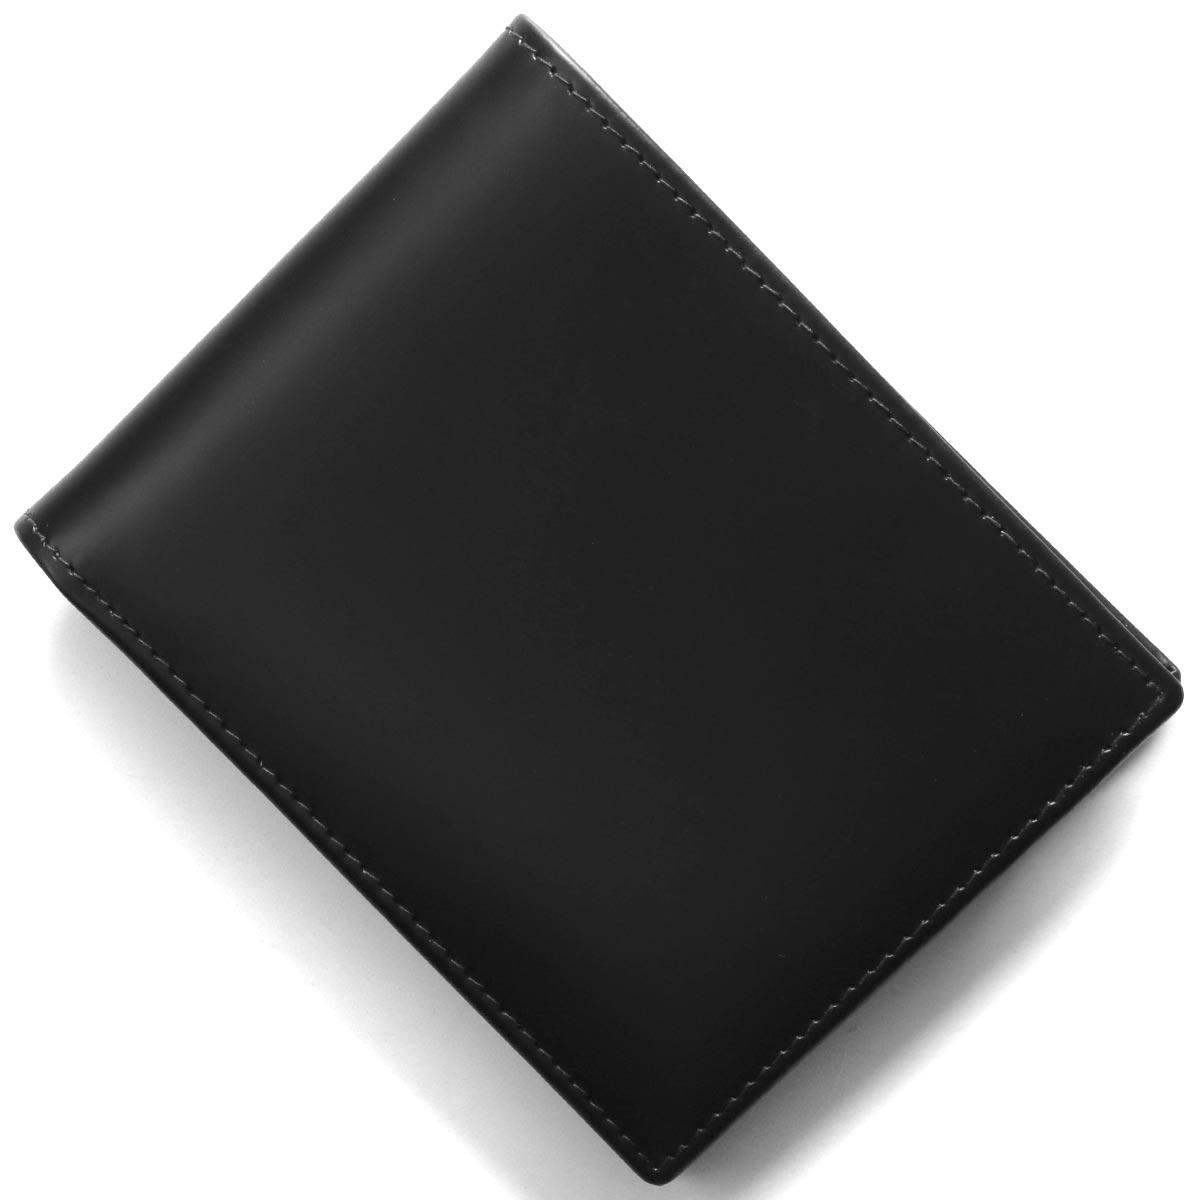 エッティンガー 二つ折り財布 財布 メンズ ブライドル ブラック&パネルハイドイエロー 141JR BH BLACK ETTINGER